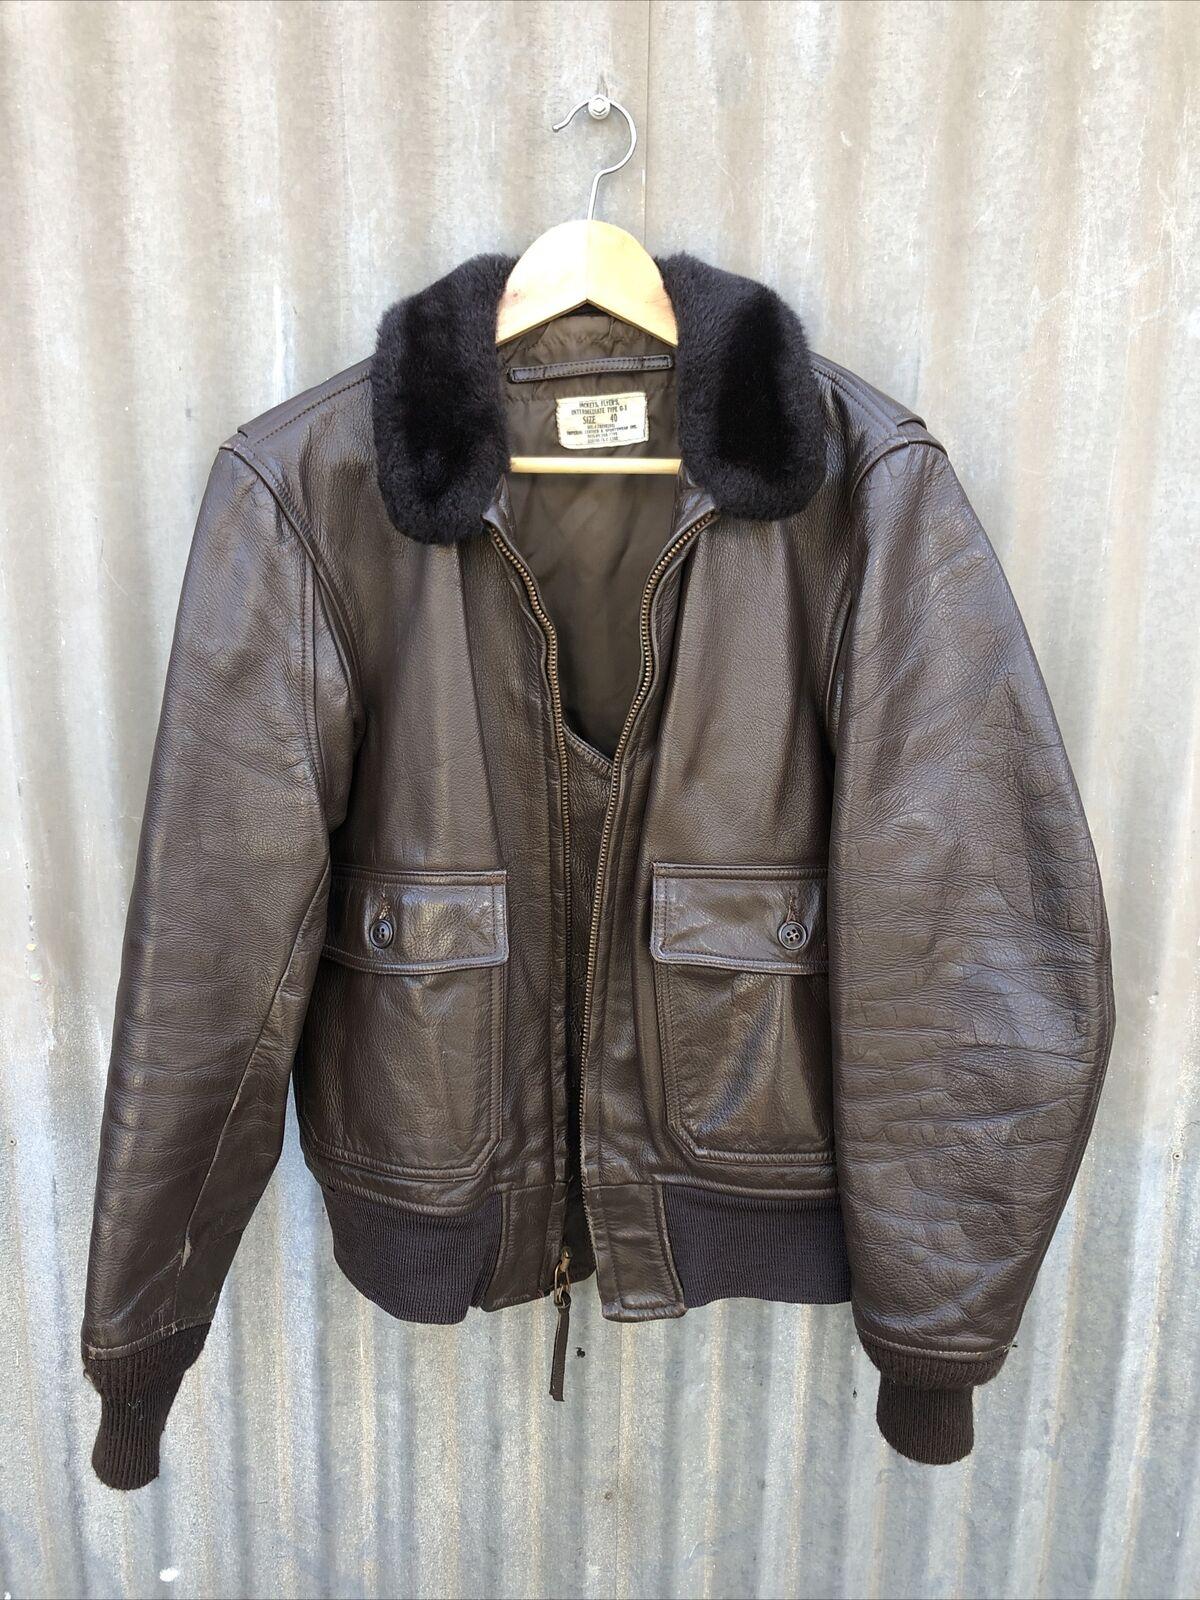 Vintage Leather Flight Jacket Genuine USN Navy G-… - image 1